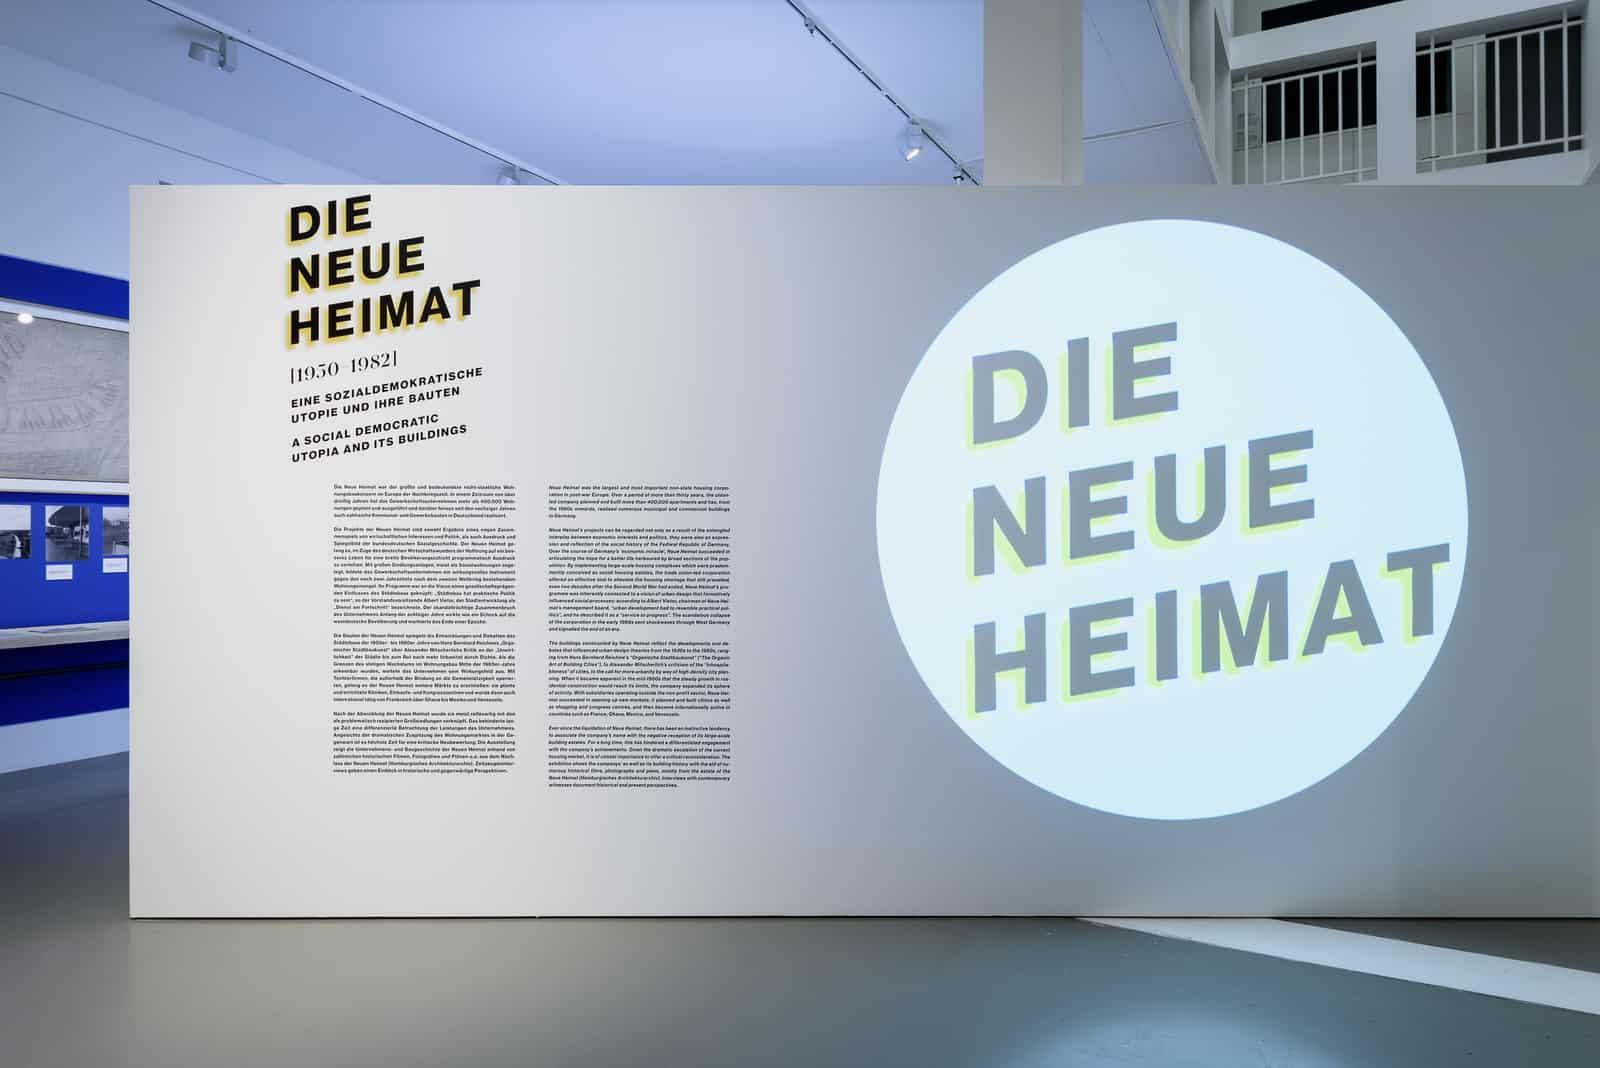 Die Neue Heimat 1950 1982 Dam Online